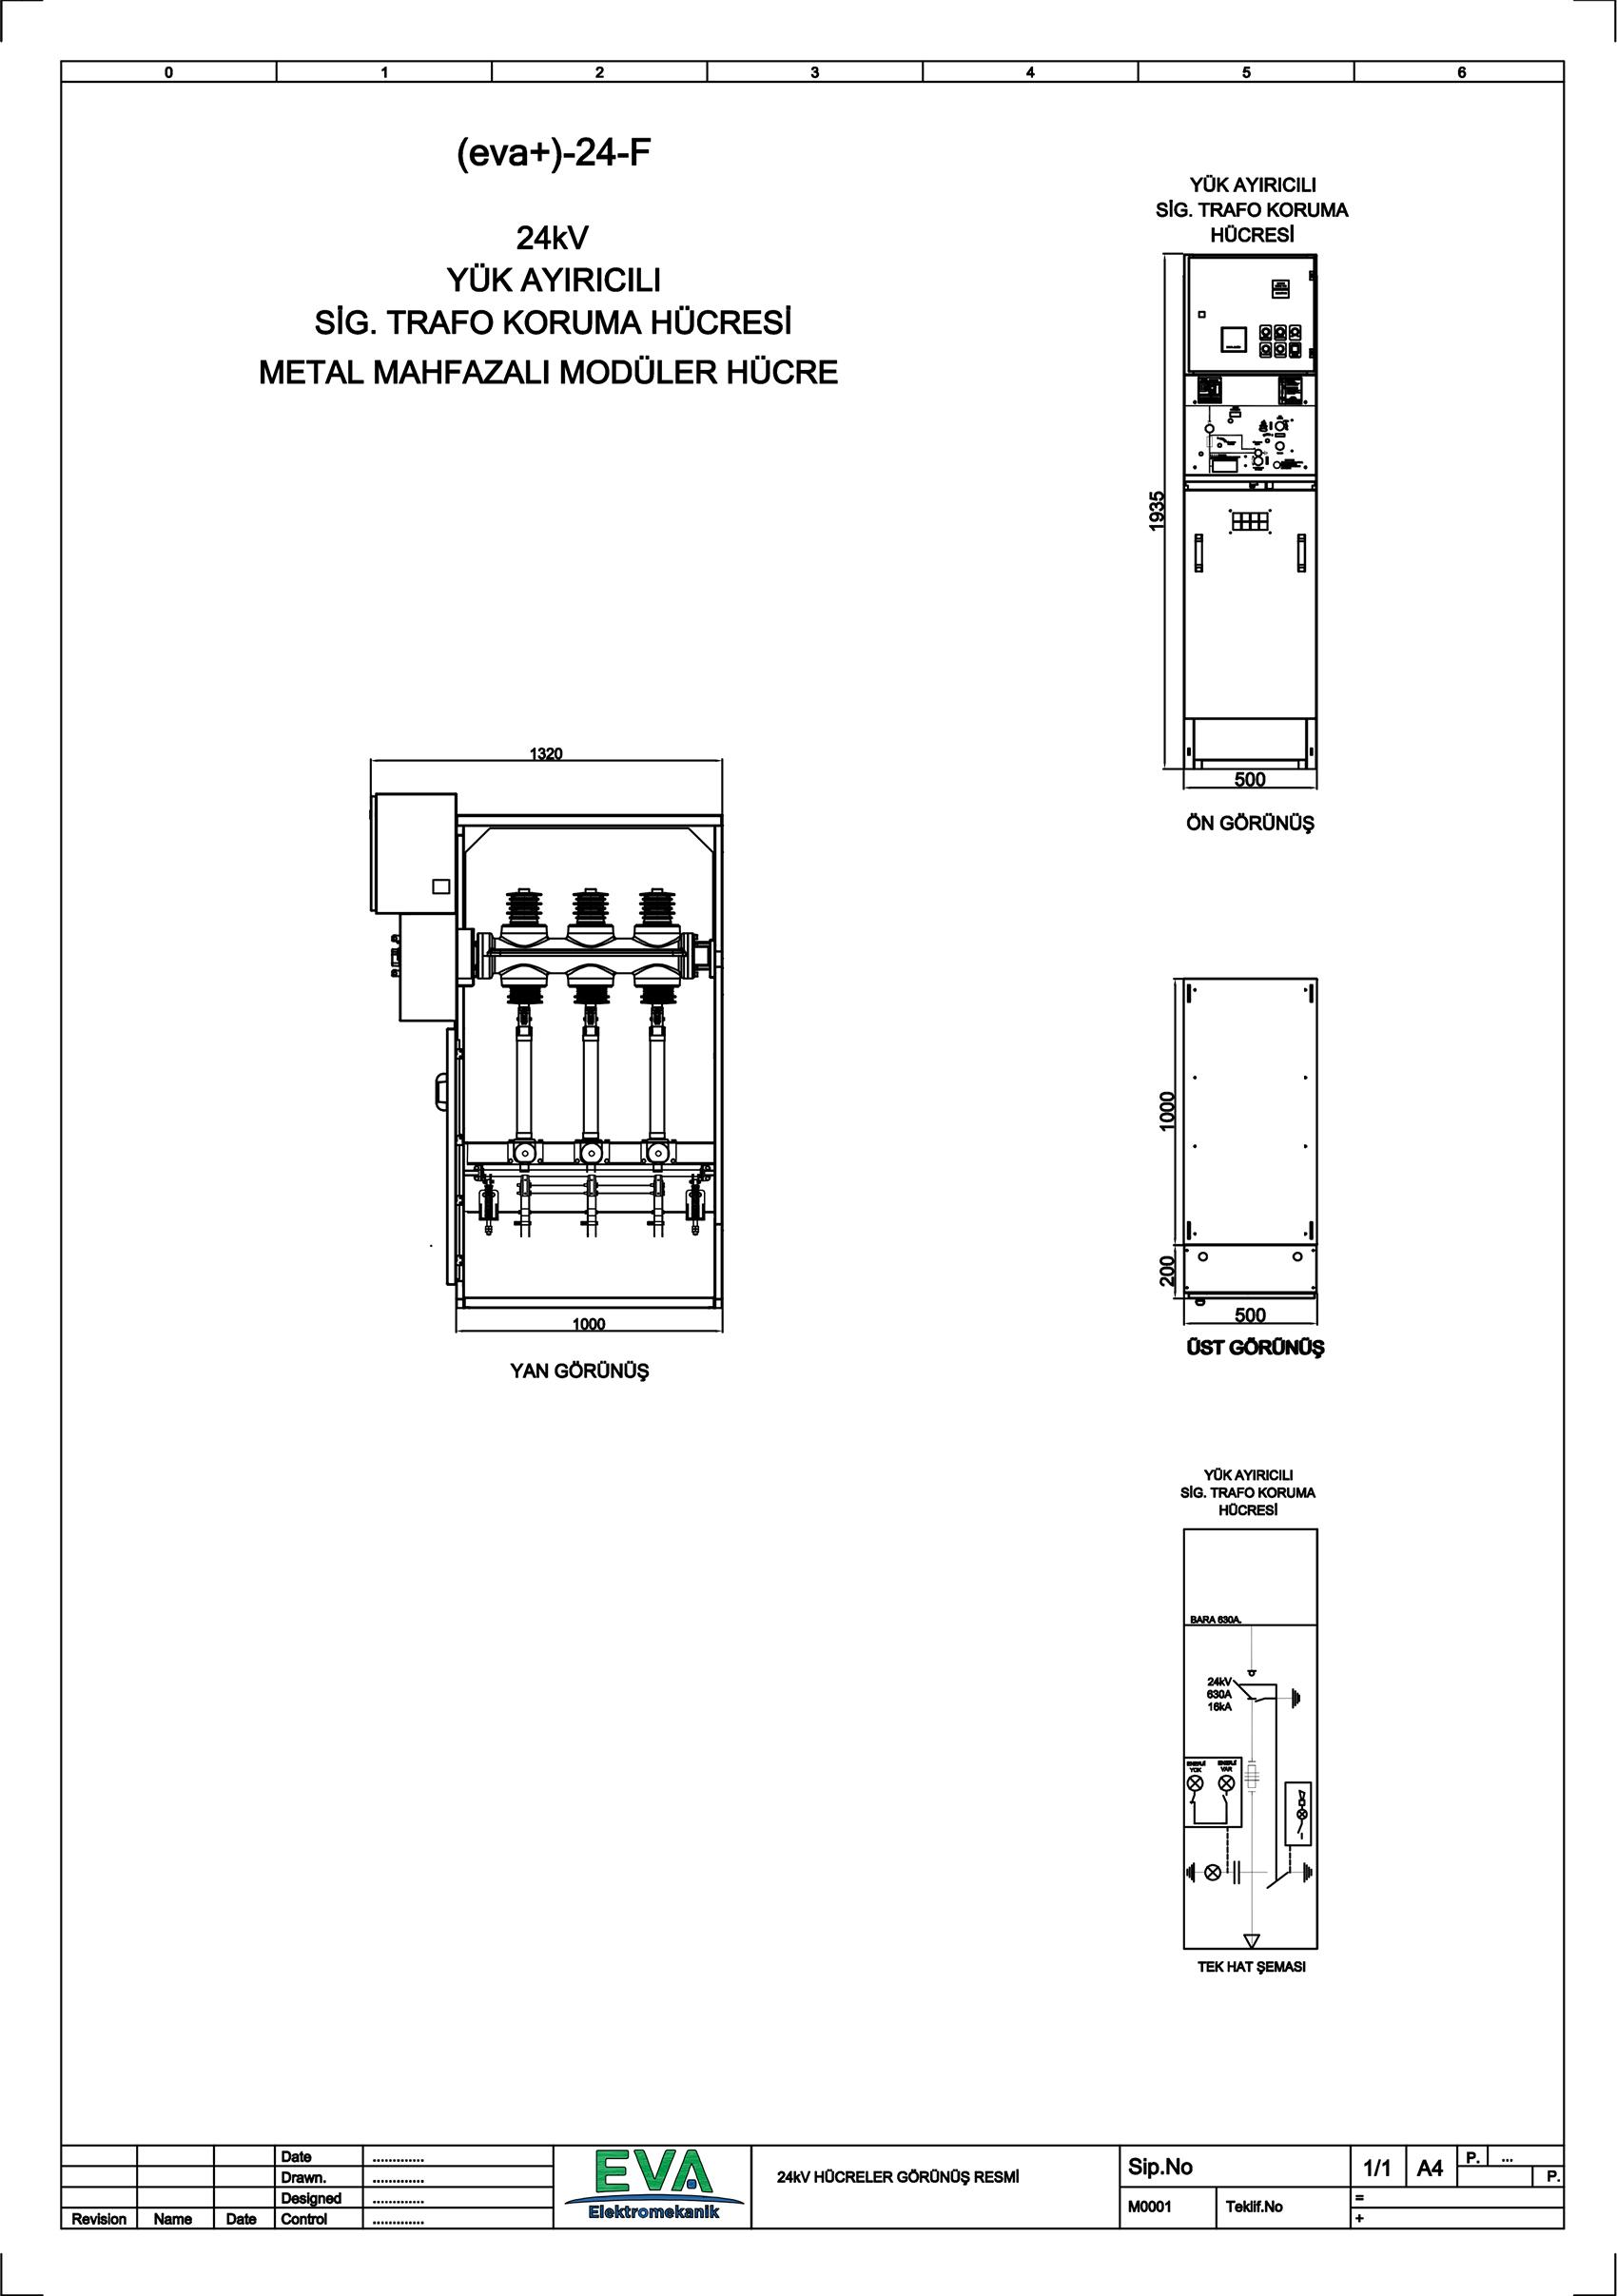 EVA+-24-F Yük Ayırıcılı Sigorta Trafo Koruma Hücresi (Metal Mahfazalı Modüler Hücre)